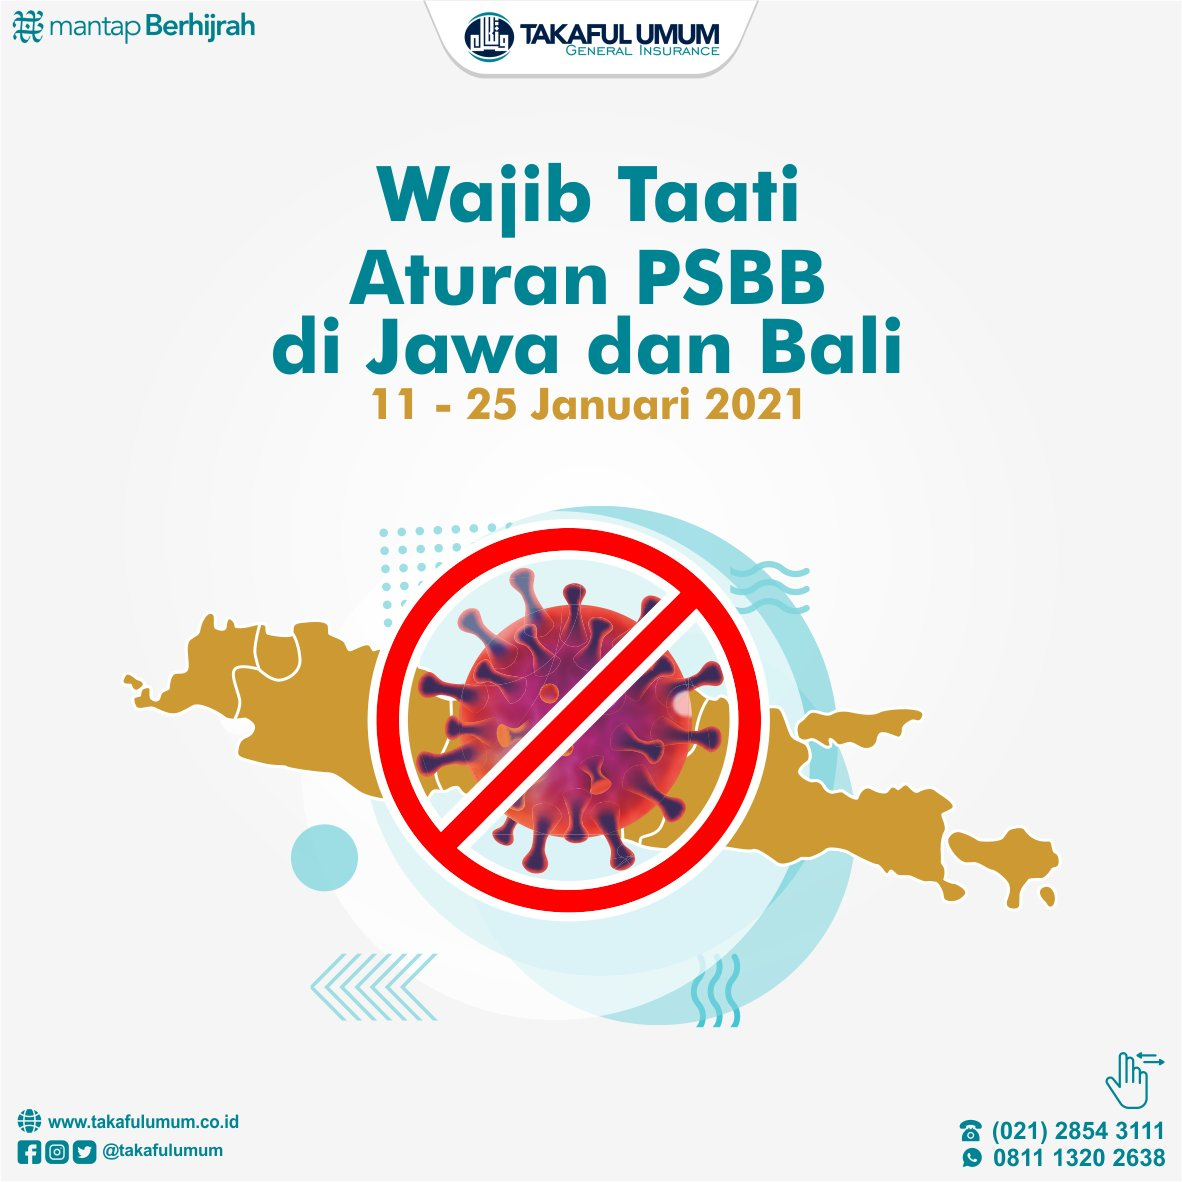 Pemerintah menerapkan PSBB (Pembatasan Sosial Bersekala Besar) di wilayah Jawa dan Bali pada 11-25 Januari 2021. #PSBB #PPKM #Covid19 #MantapBerhijrah